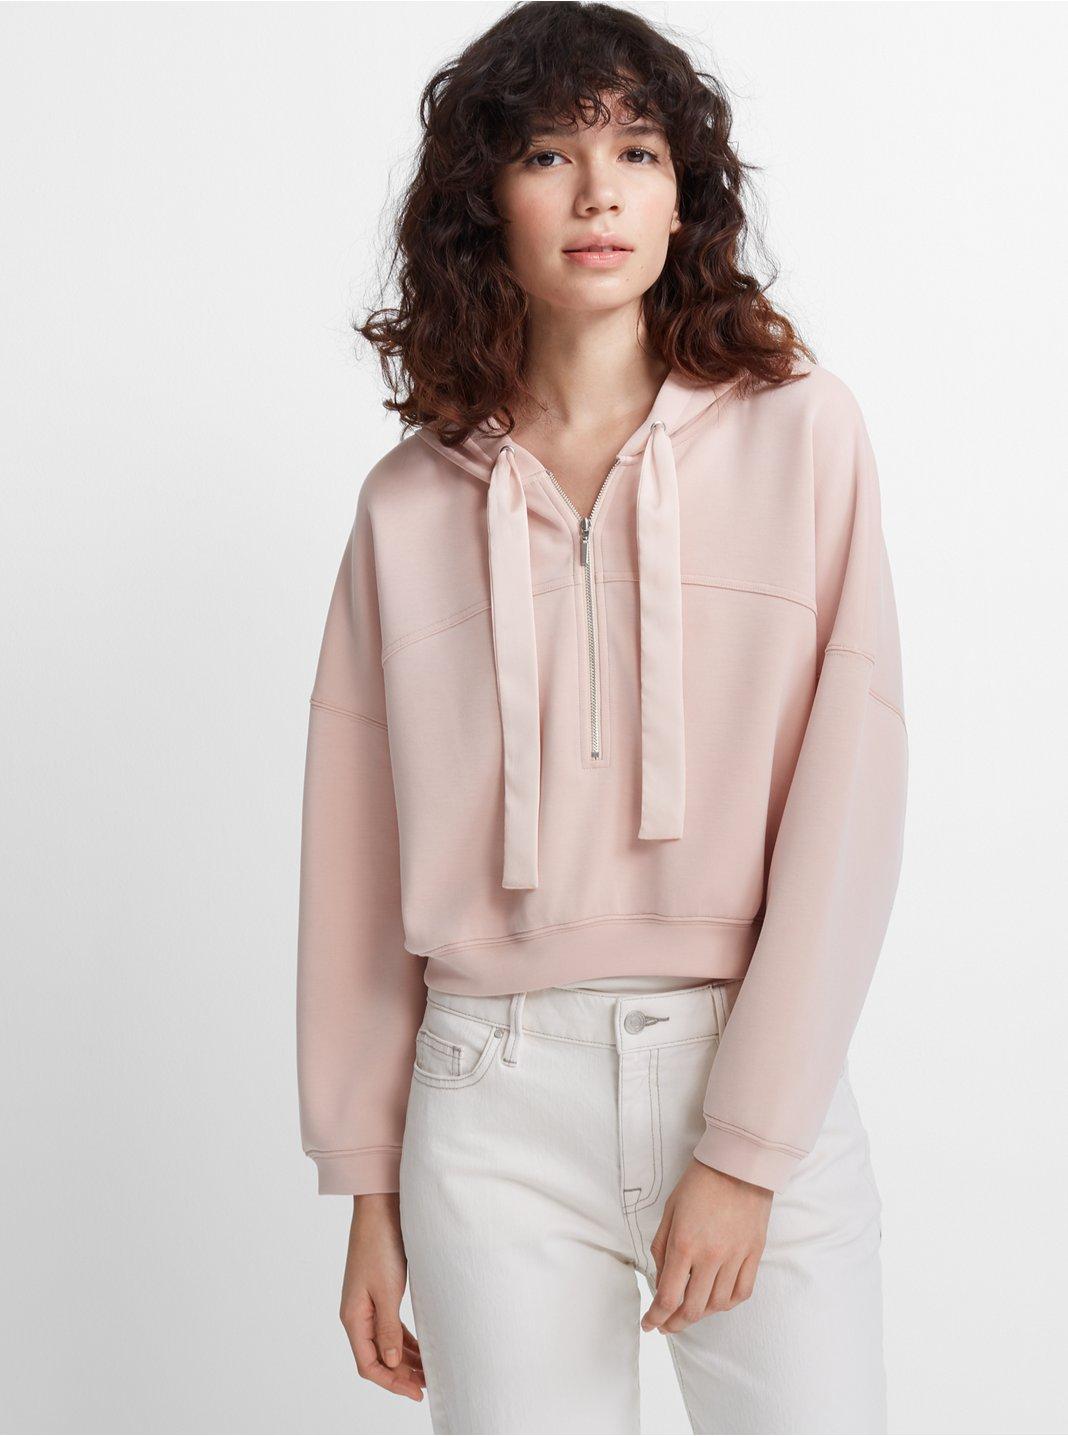 클럽 모나코 Strawberta 스웻셔츠 Club Monaco Strawberta Sweatshirt,Light Pink